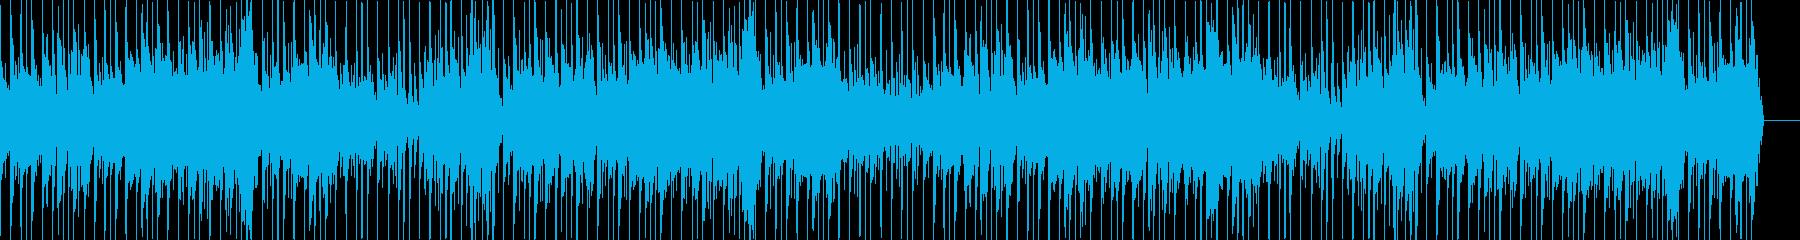 楽しいパーティソングです。の再生済みの波形